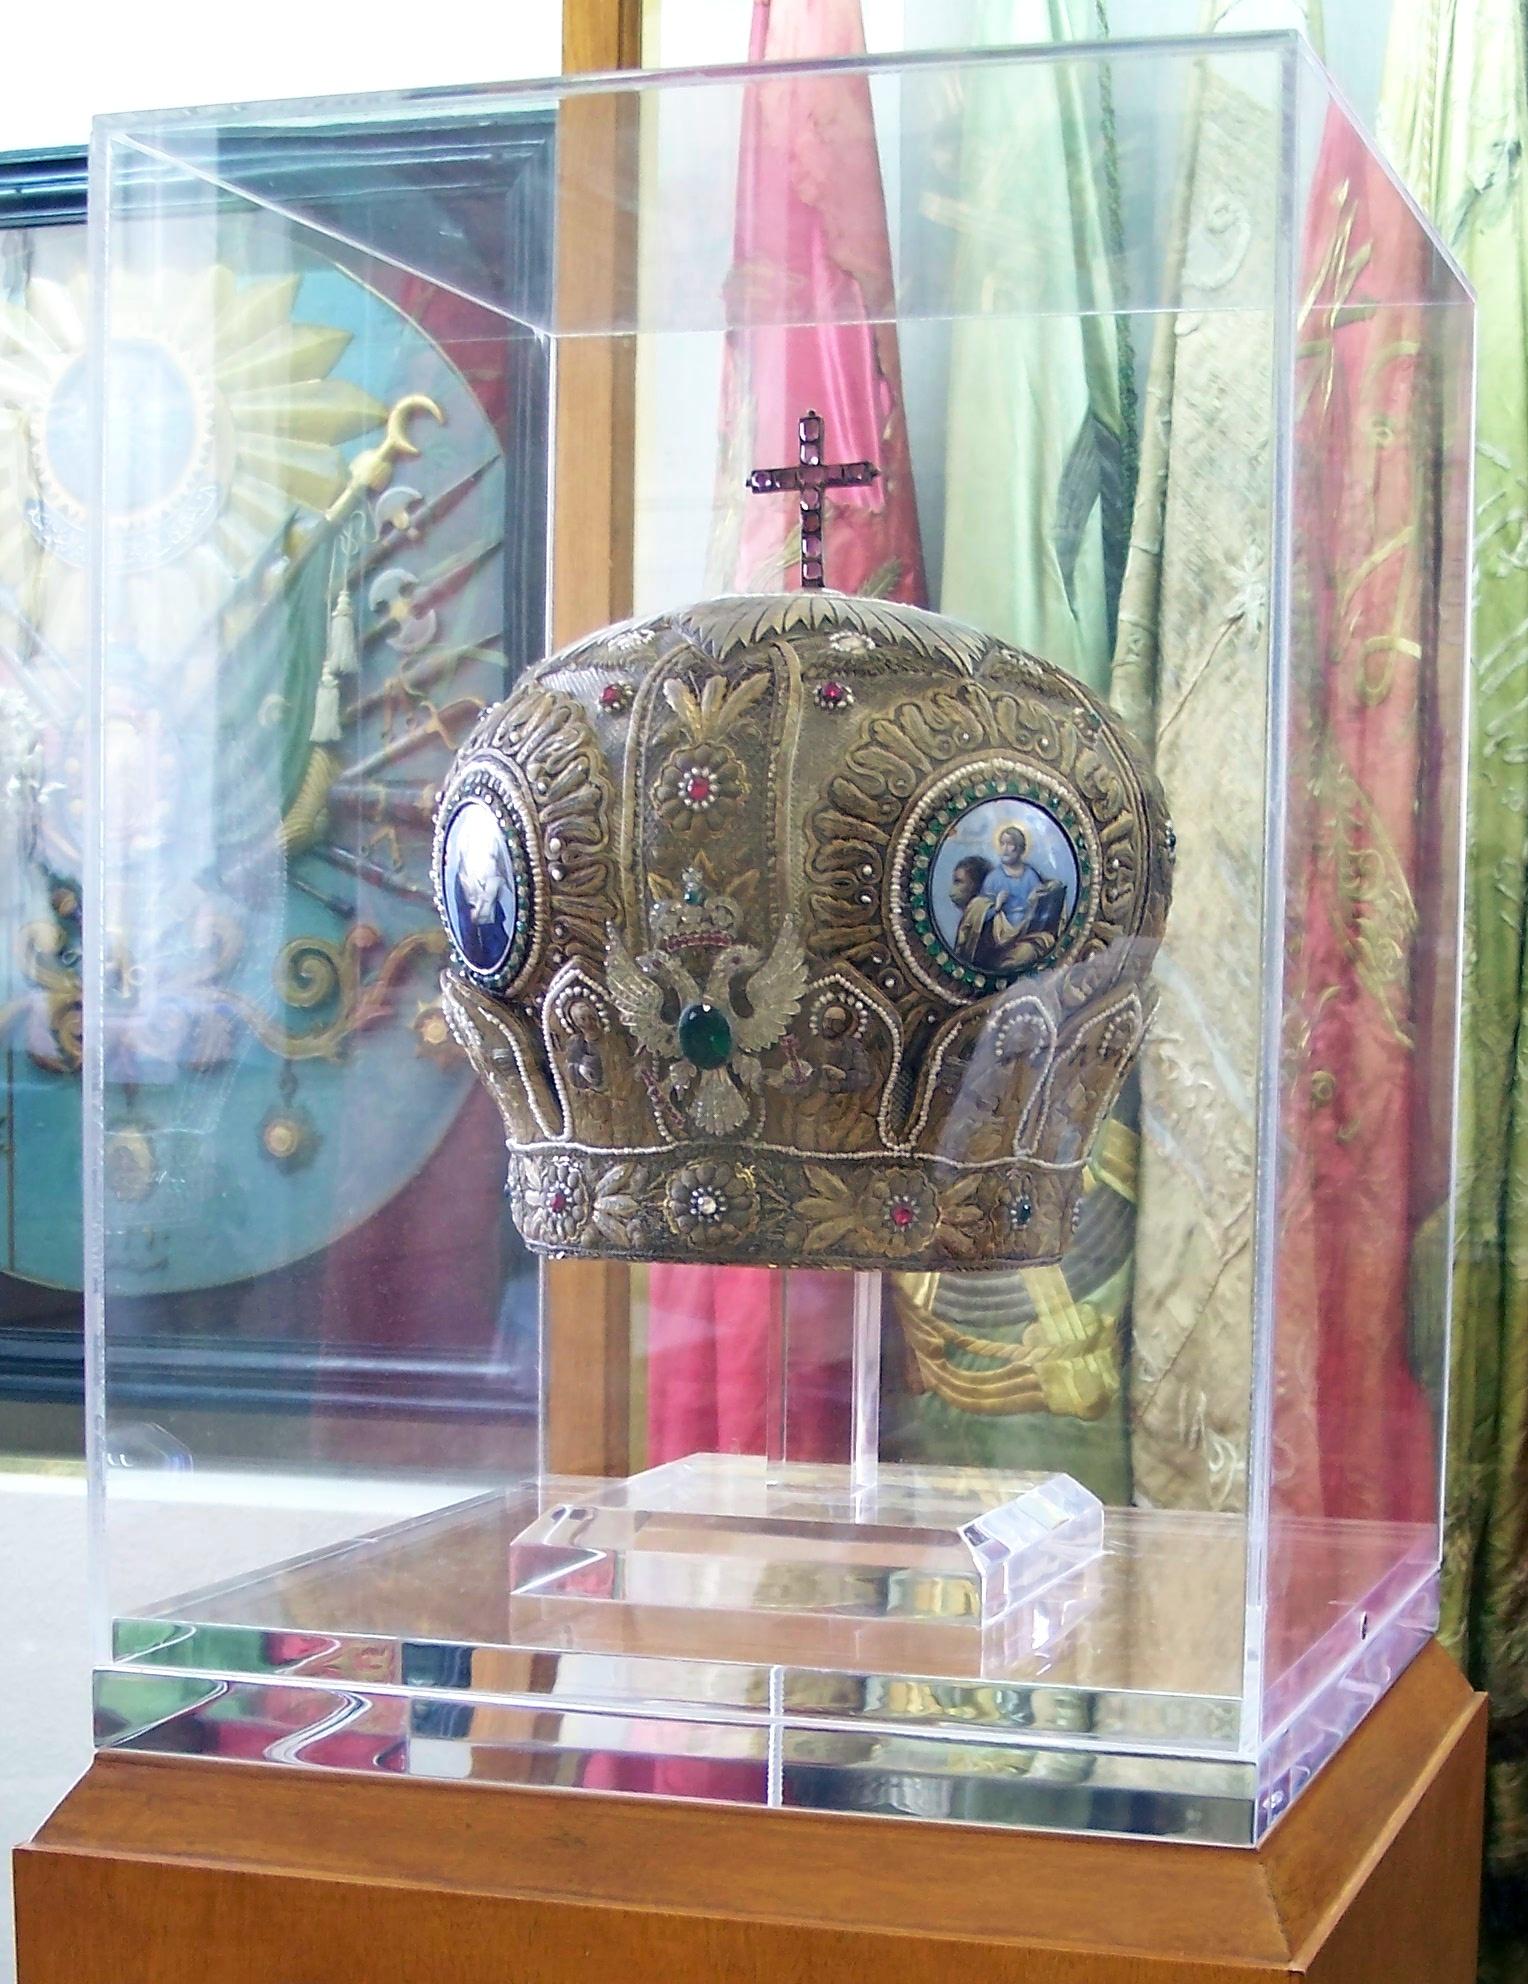 PS Irineu Duvlea depus din treapta de episcop si exclus din randul clerului